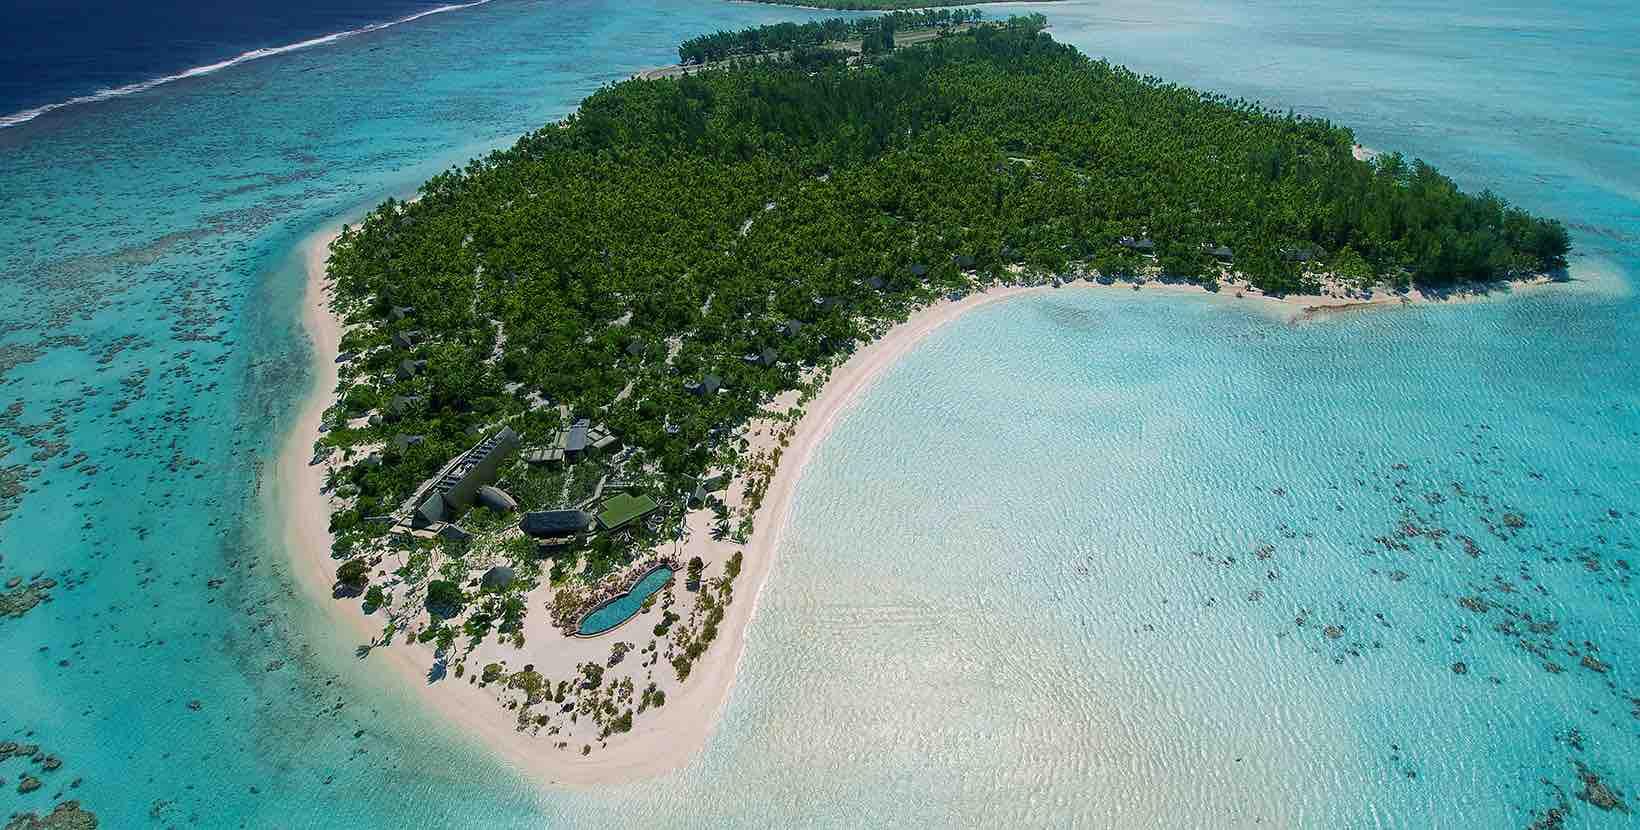 The Brando: Ultra exclusivo resort en una isla privada de Tahití del actor Marlon Brando